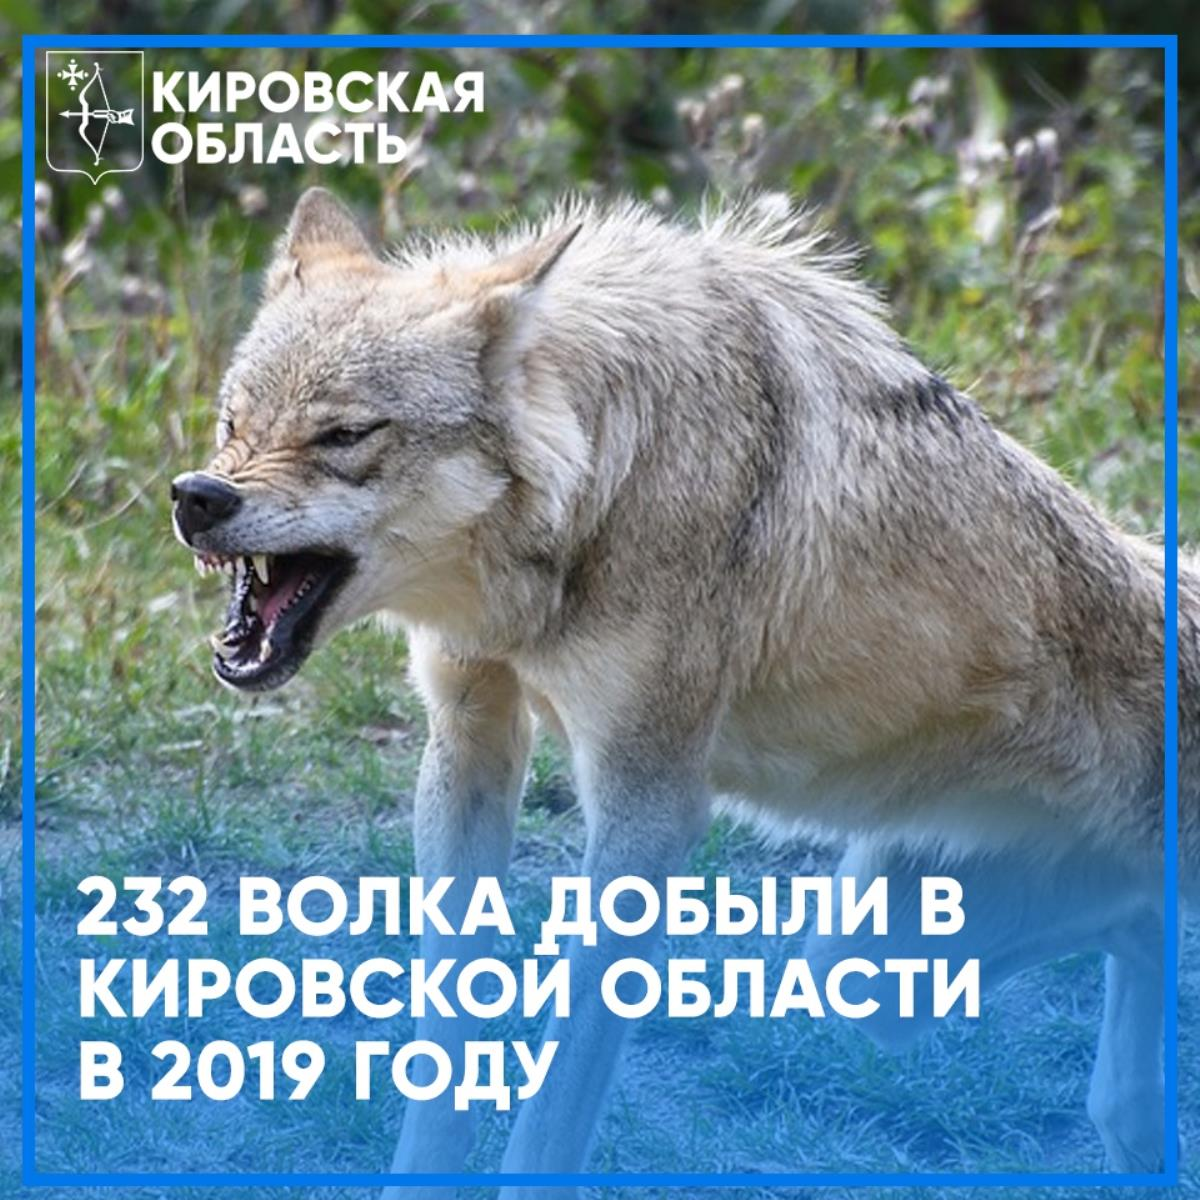 В области добыто 232 волка